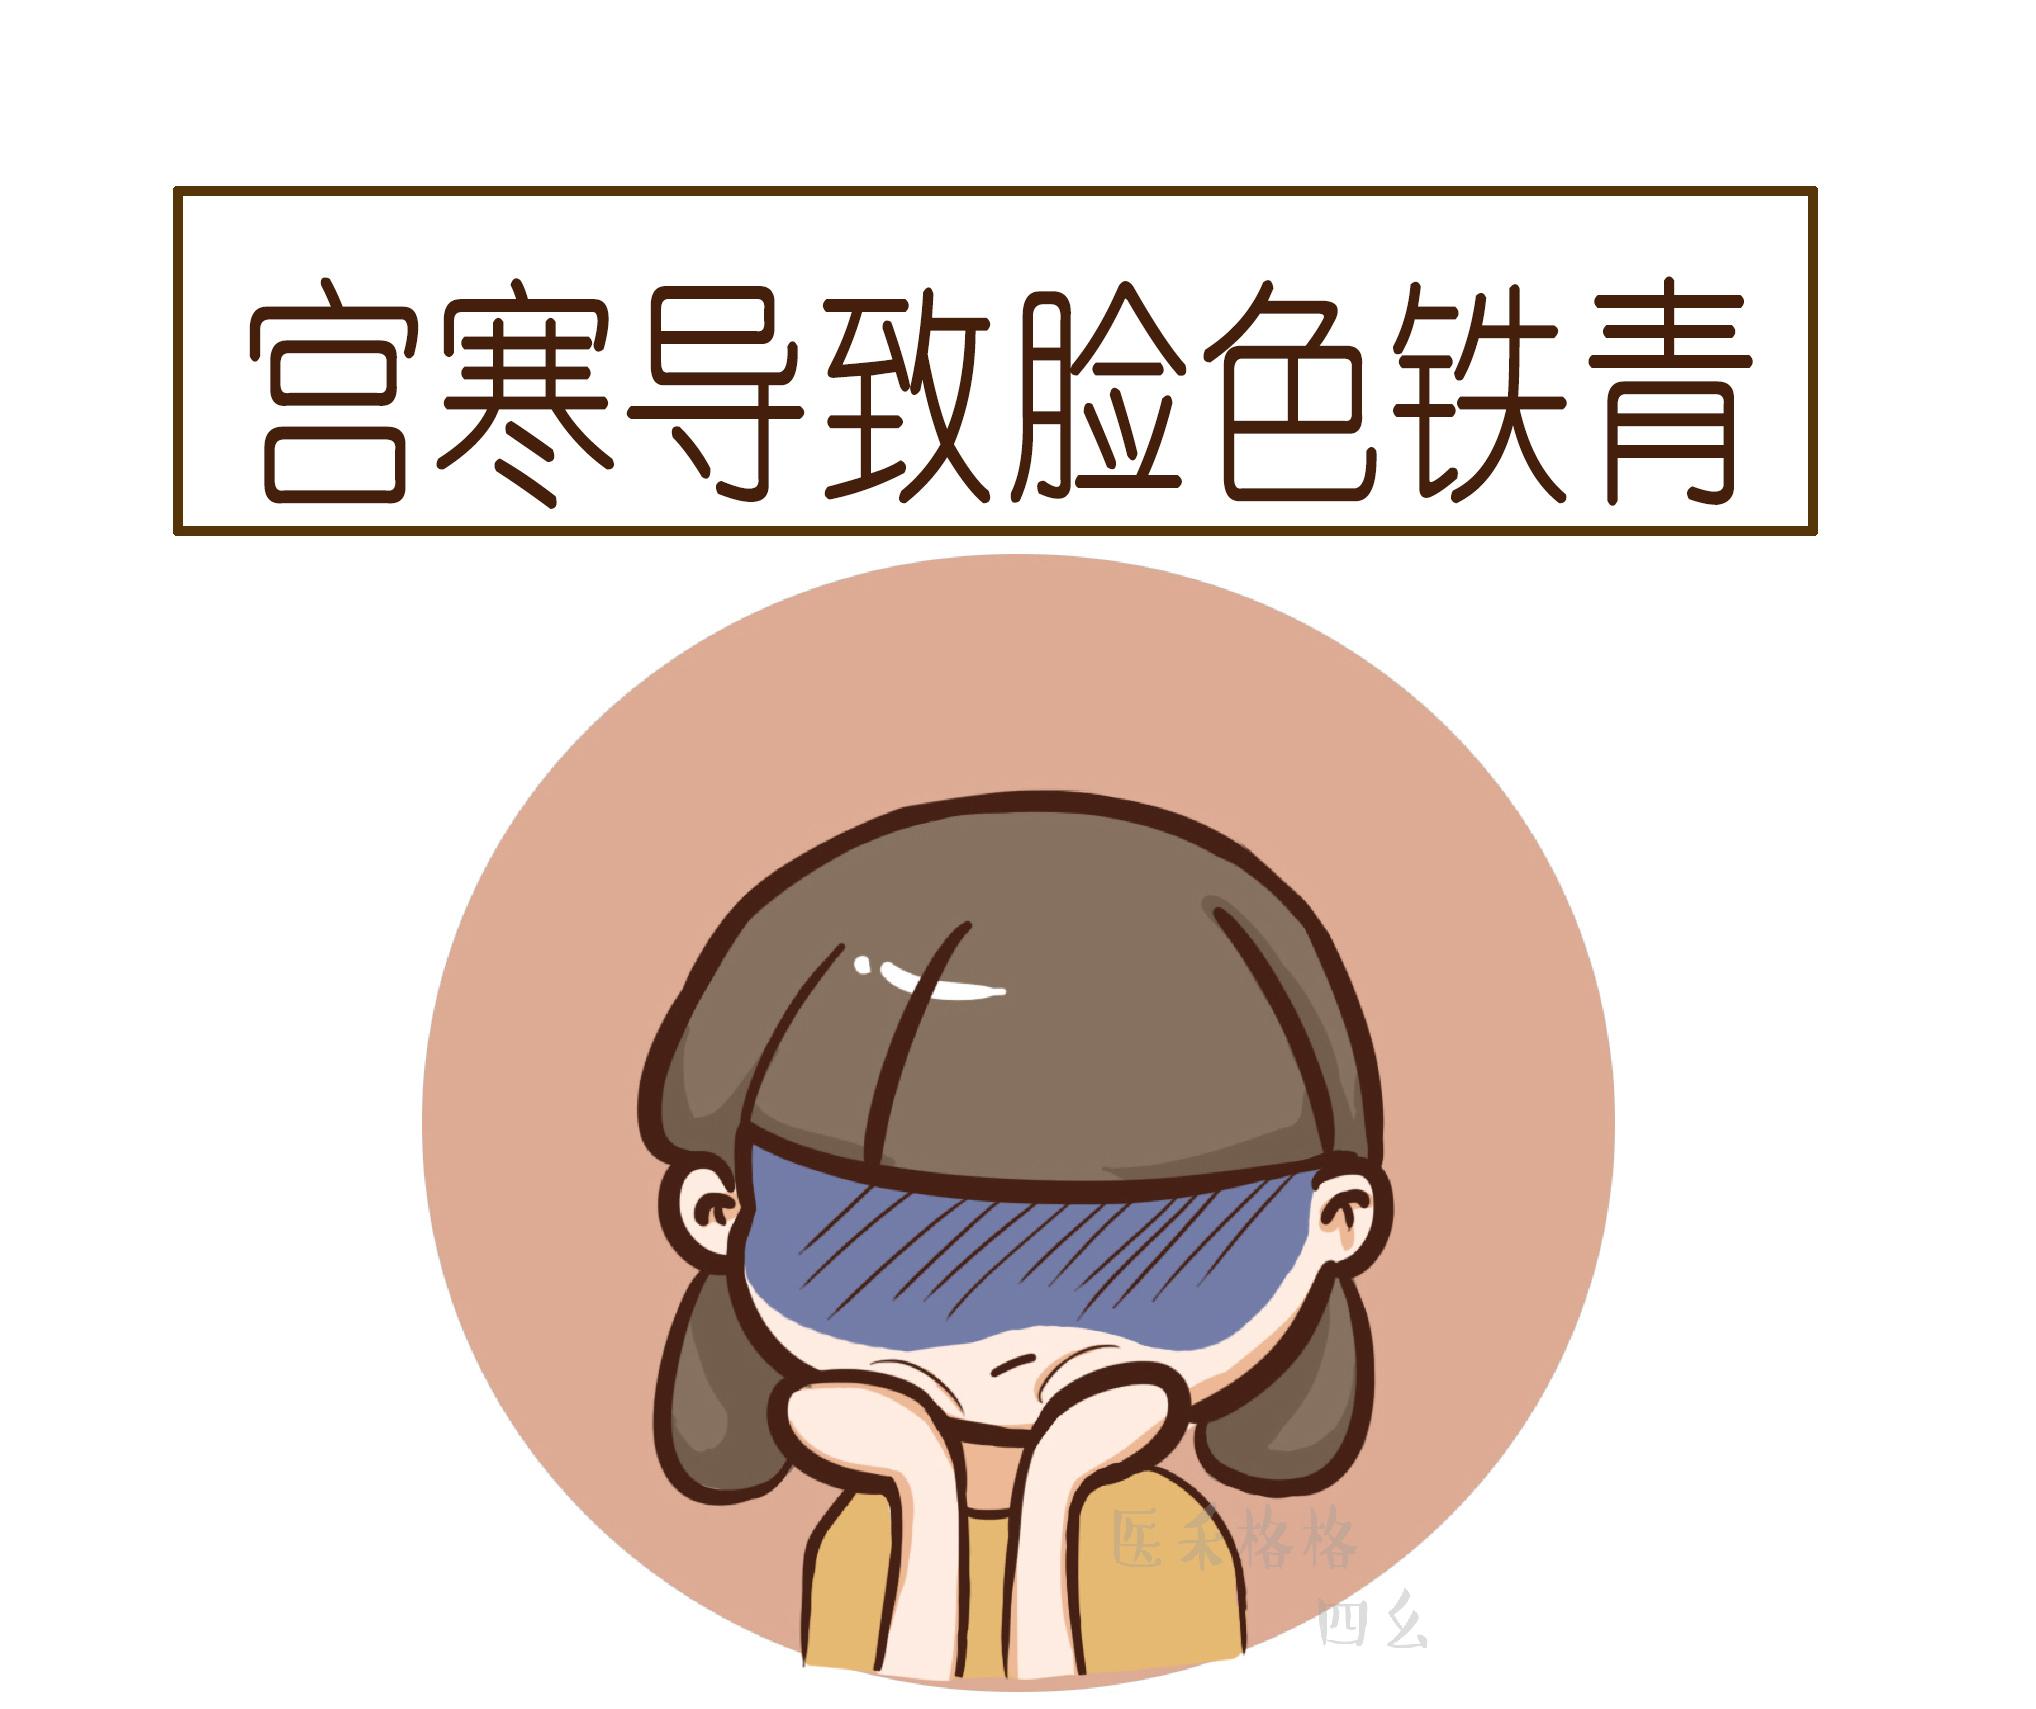 动漫 卡通 漫画 头像 2036_1709